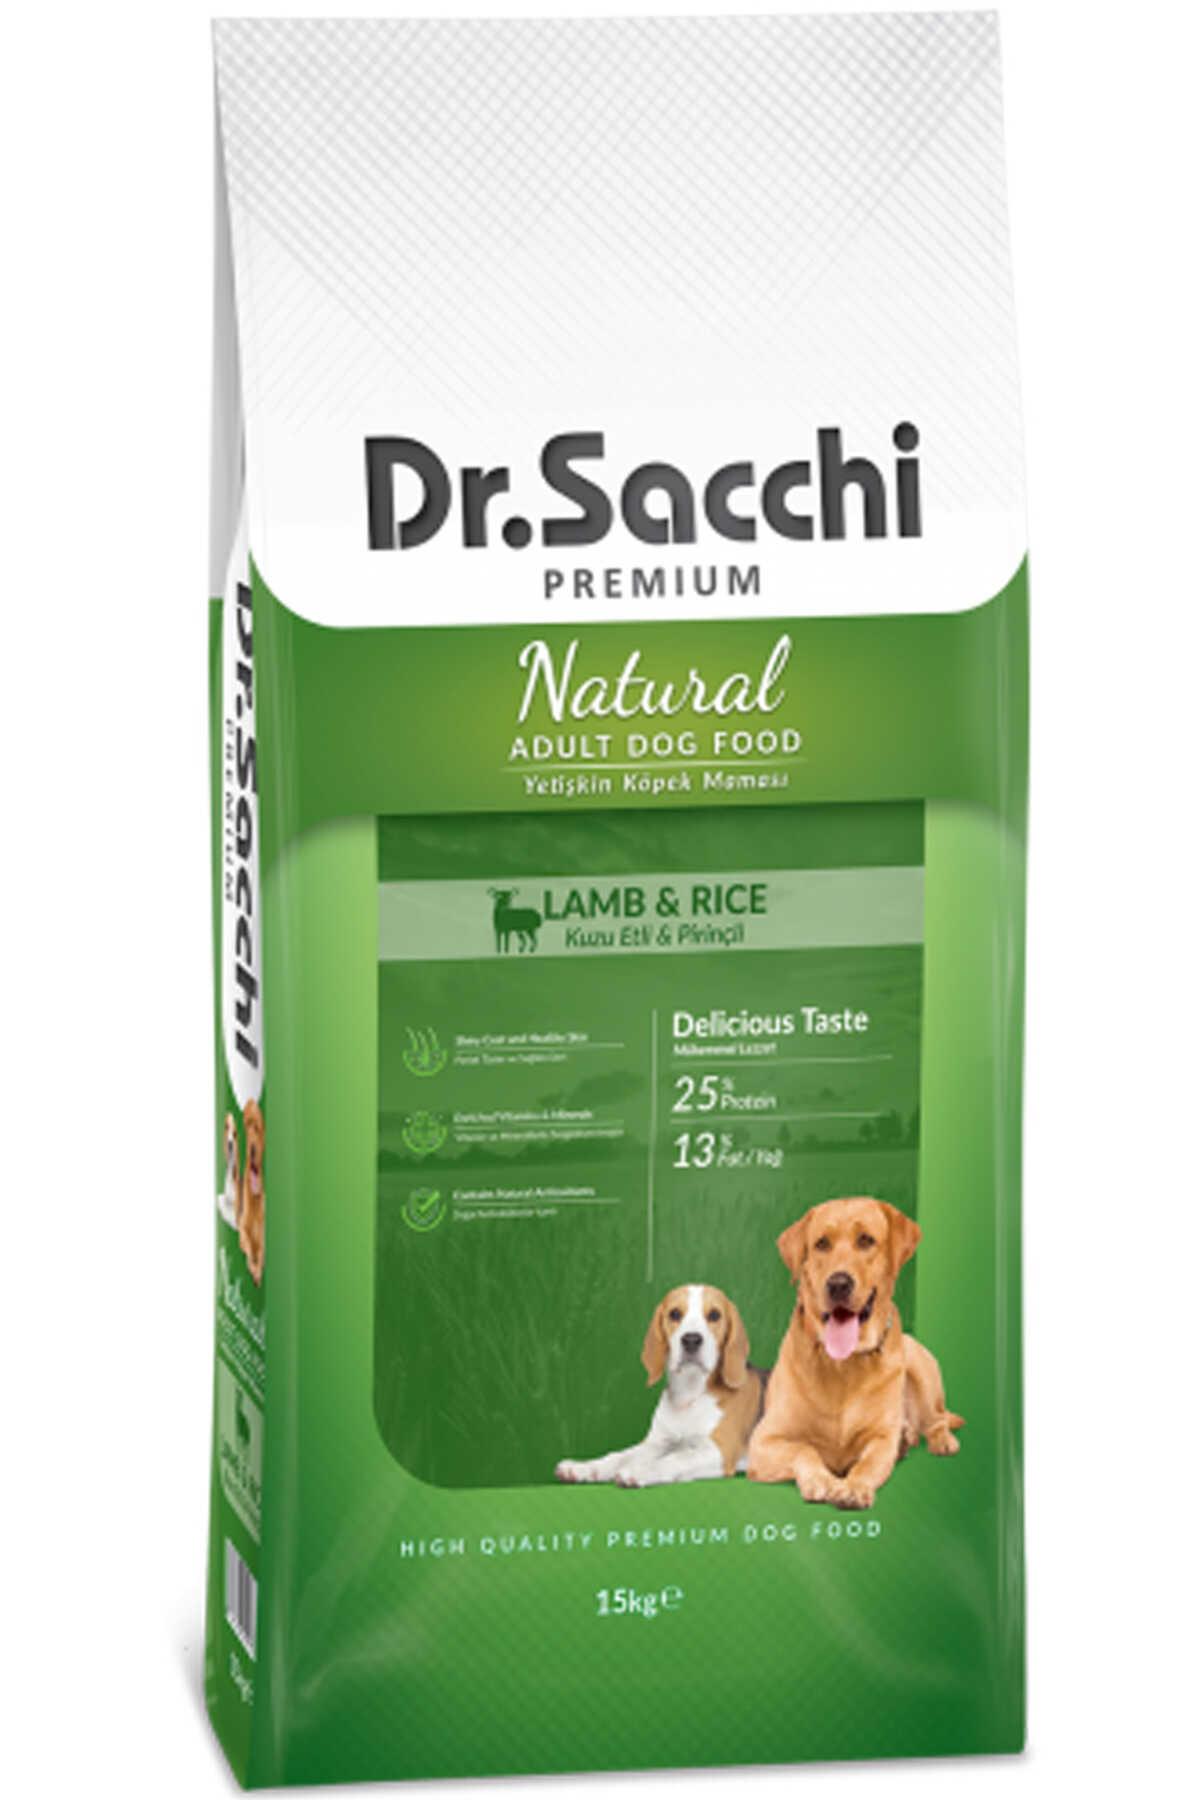 Dr.Sacchi Kuzu Etli ve Pirinçli Yetişkin Köpek Maması 15kg